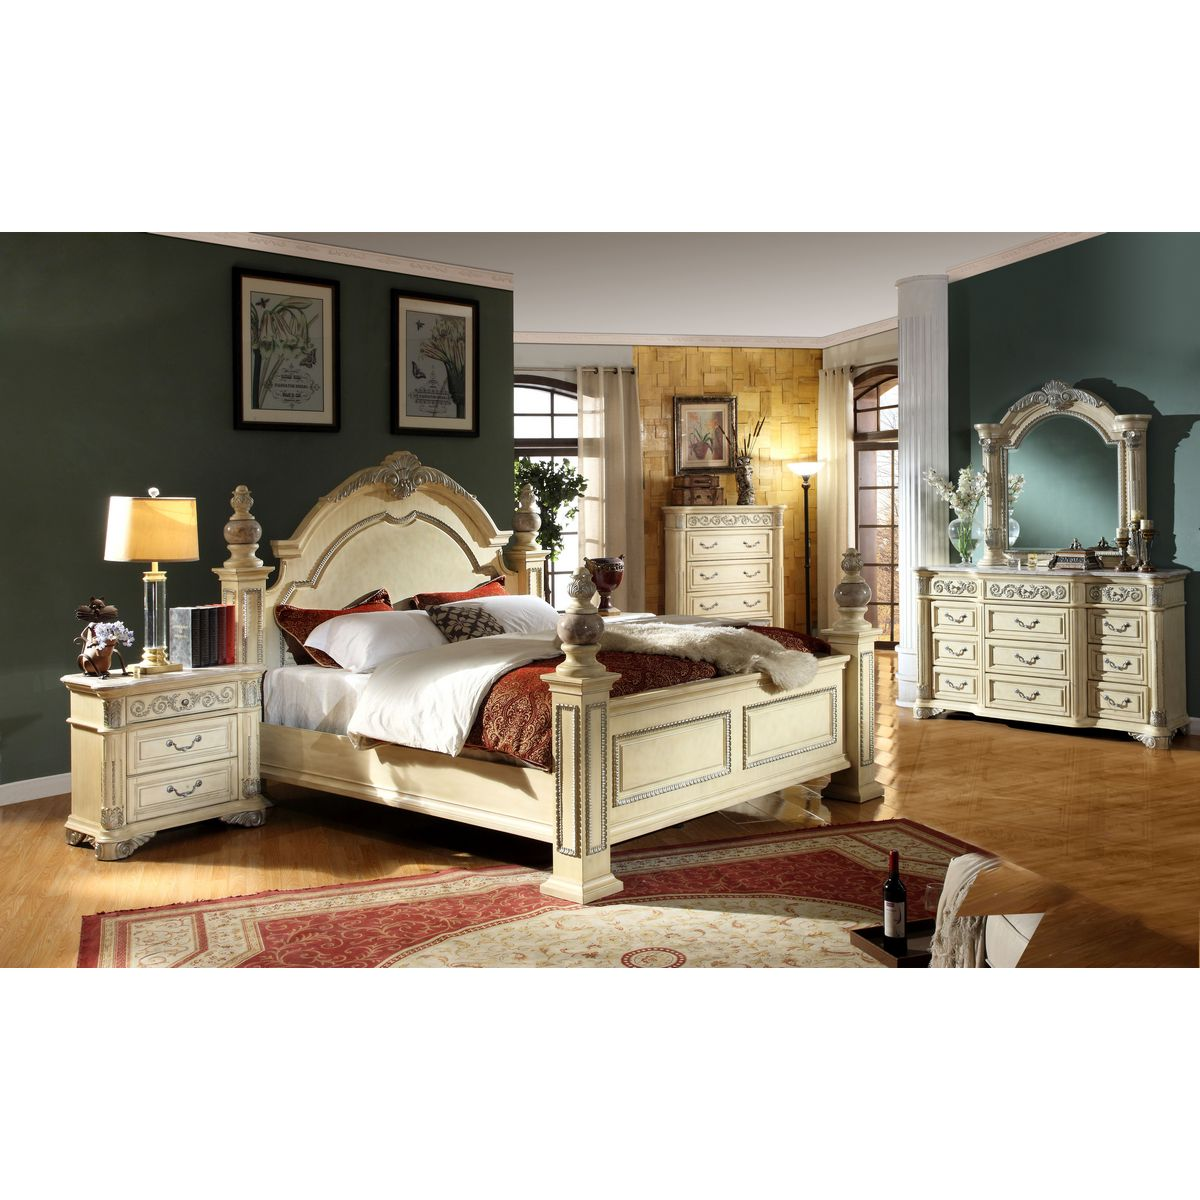 Meridian Furniture Sienna-D Sienna Antique White Dresser w/ Ornate ...